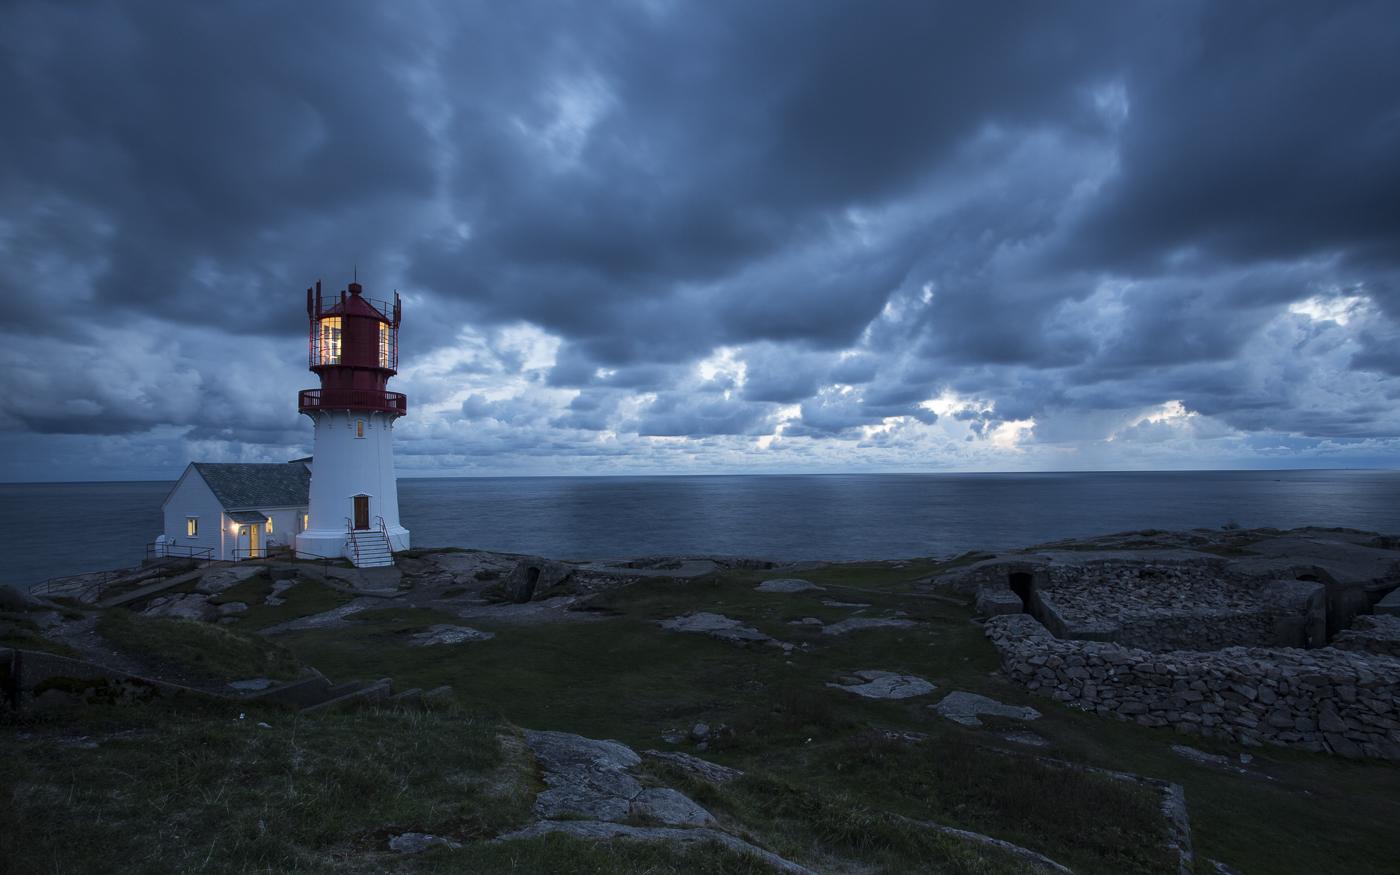 Landschaftsfotografie-Lighthouse-Weite